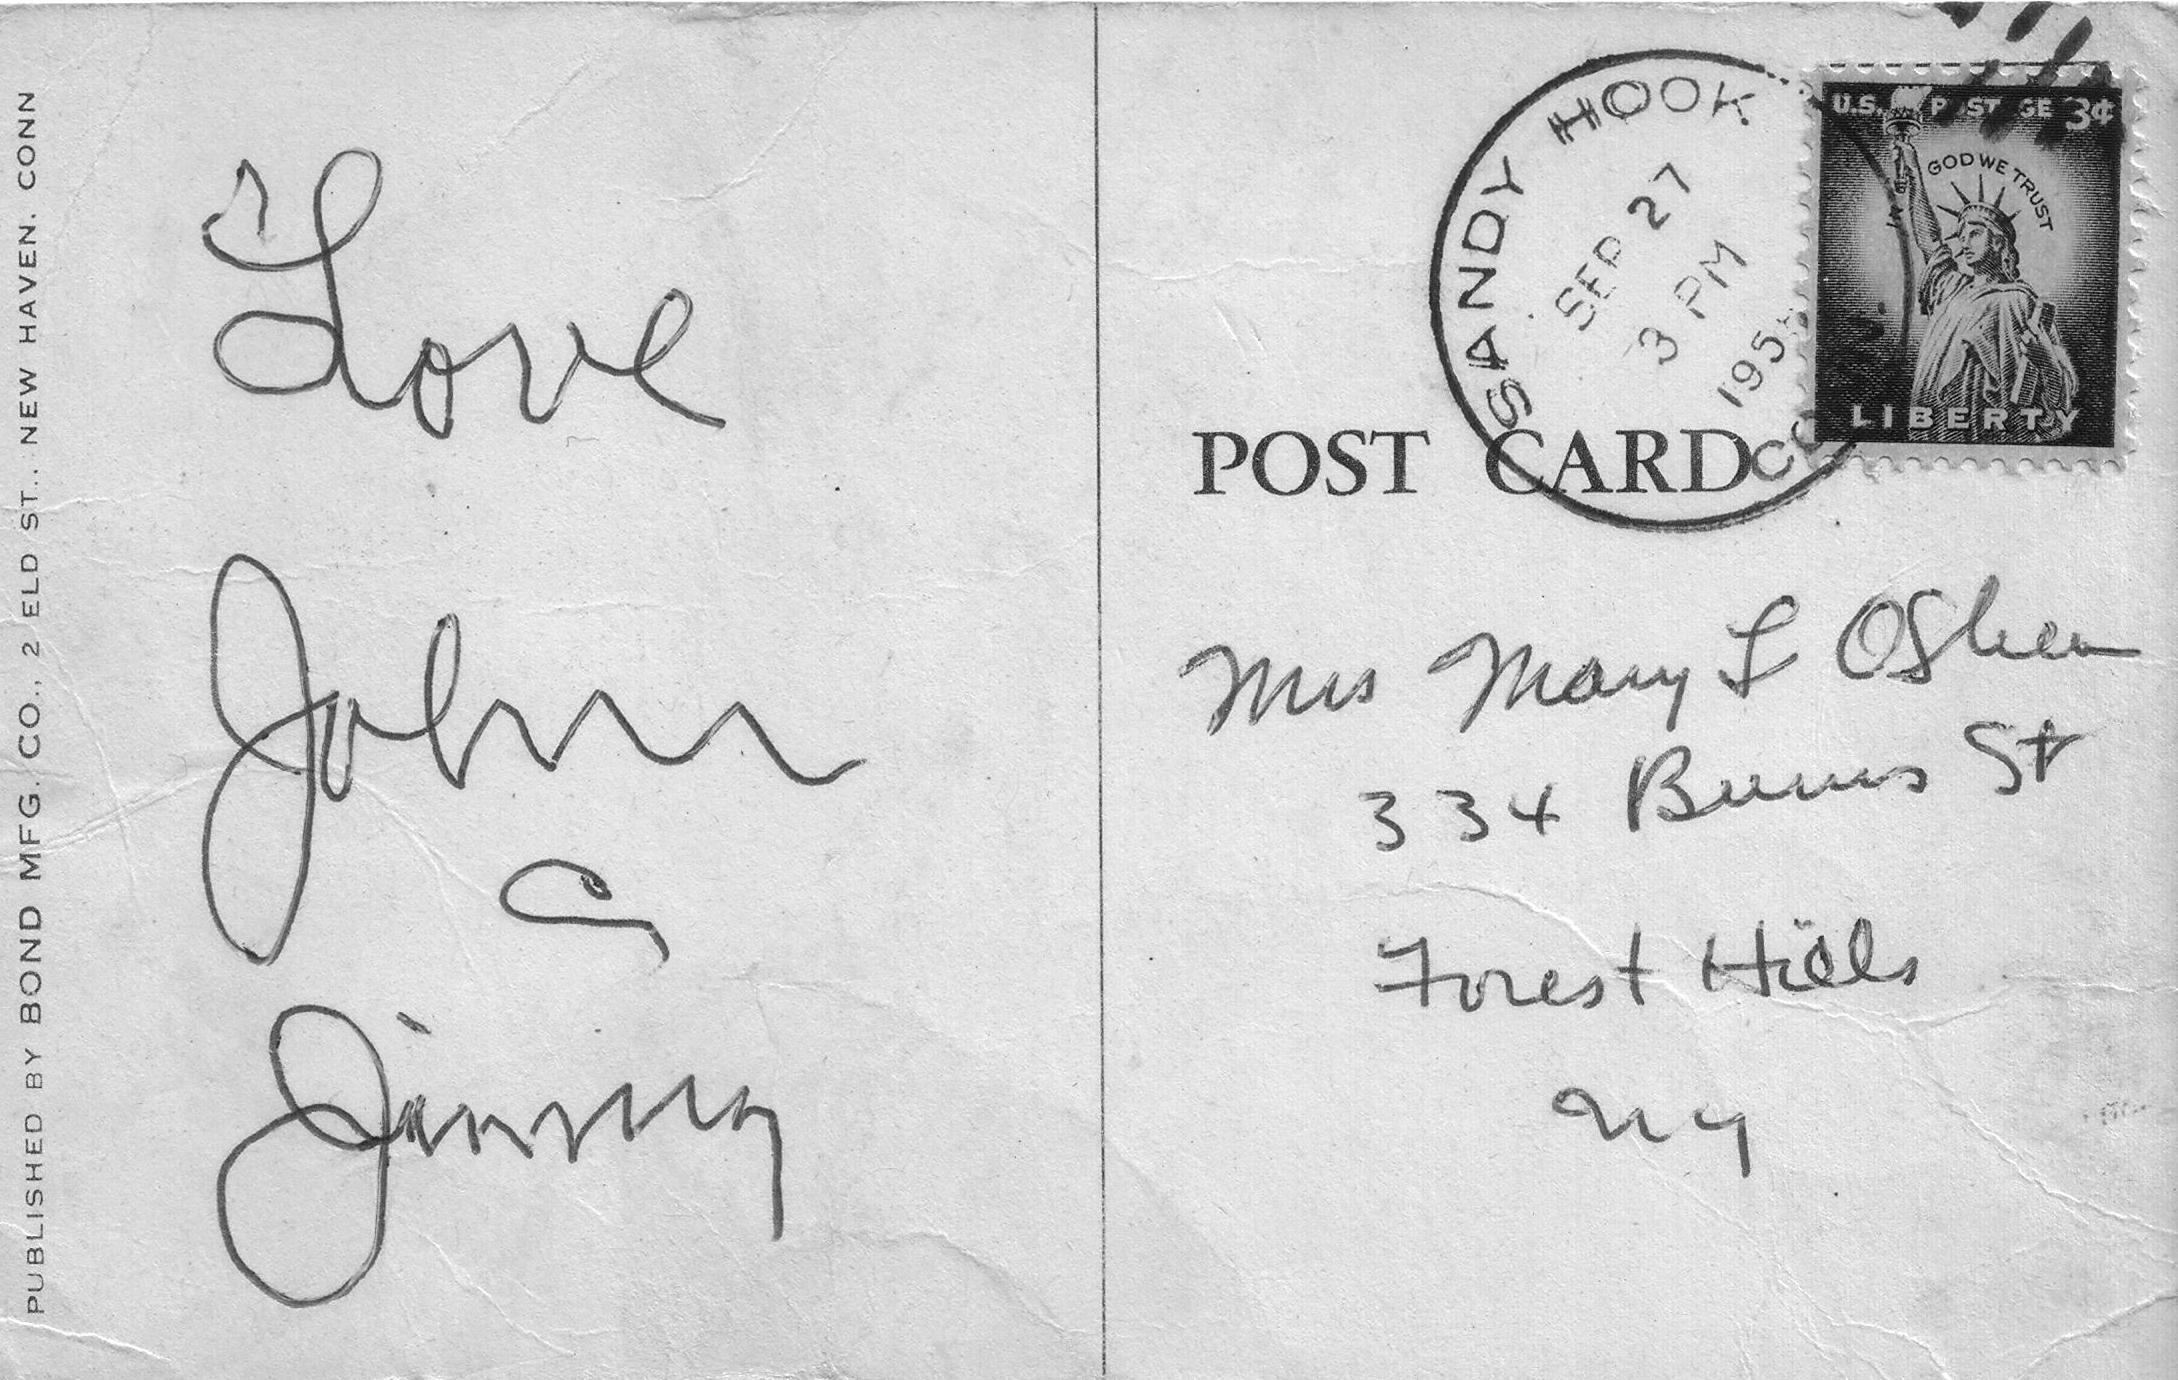 sandy-hook-ct-postcard-back